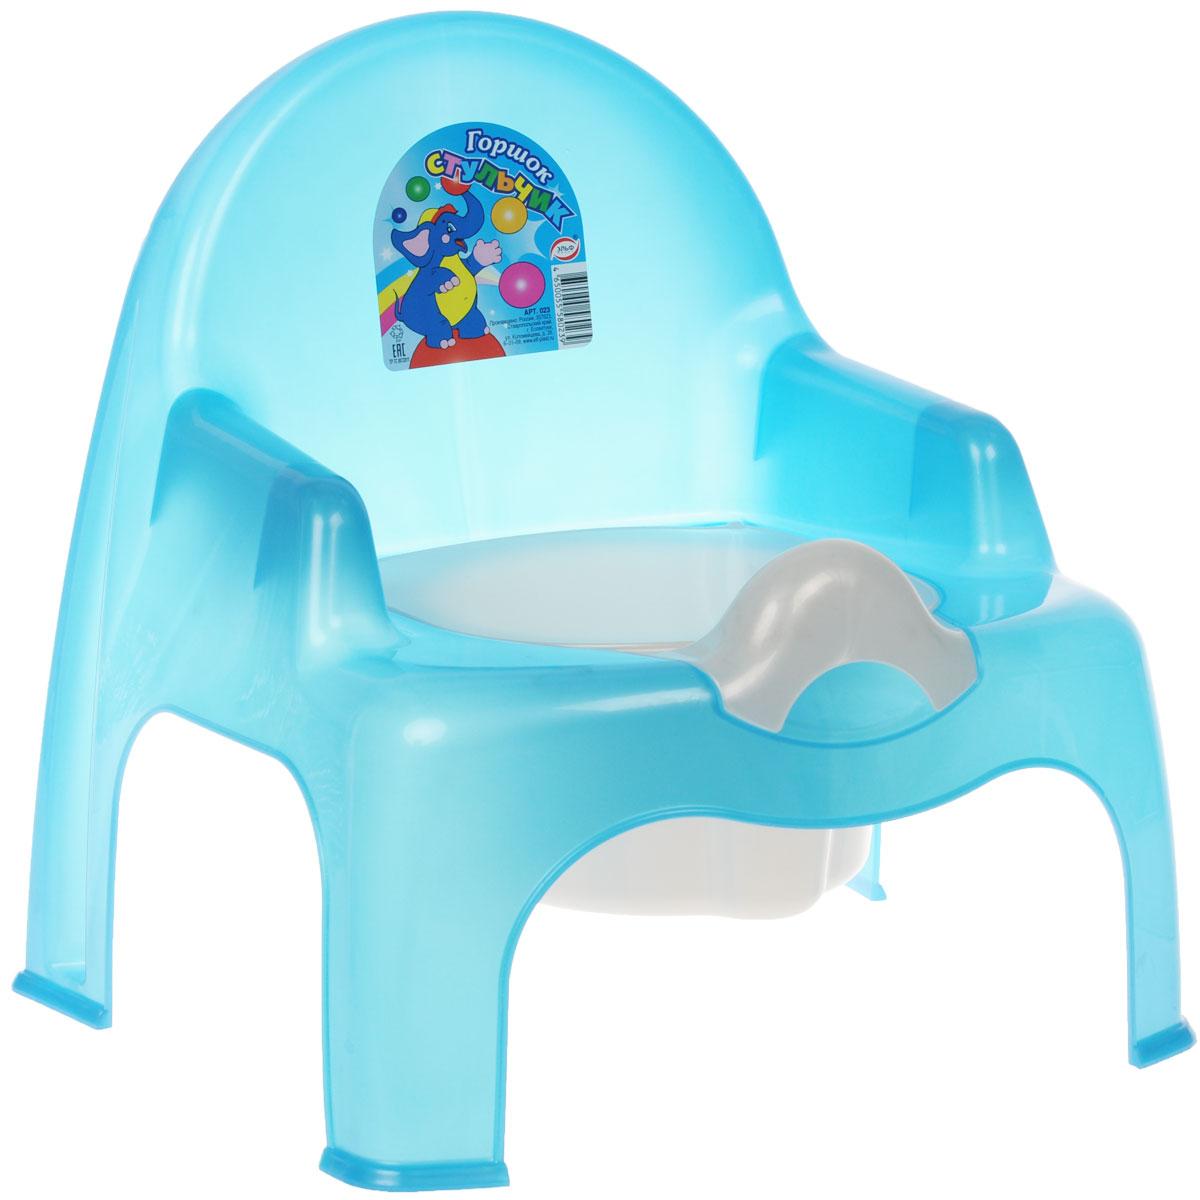 Эльфпласт Горшок-стульчик, с крышкой, цвет: голубой 023